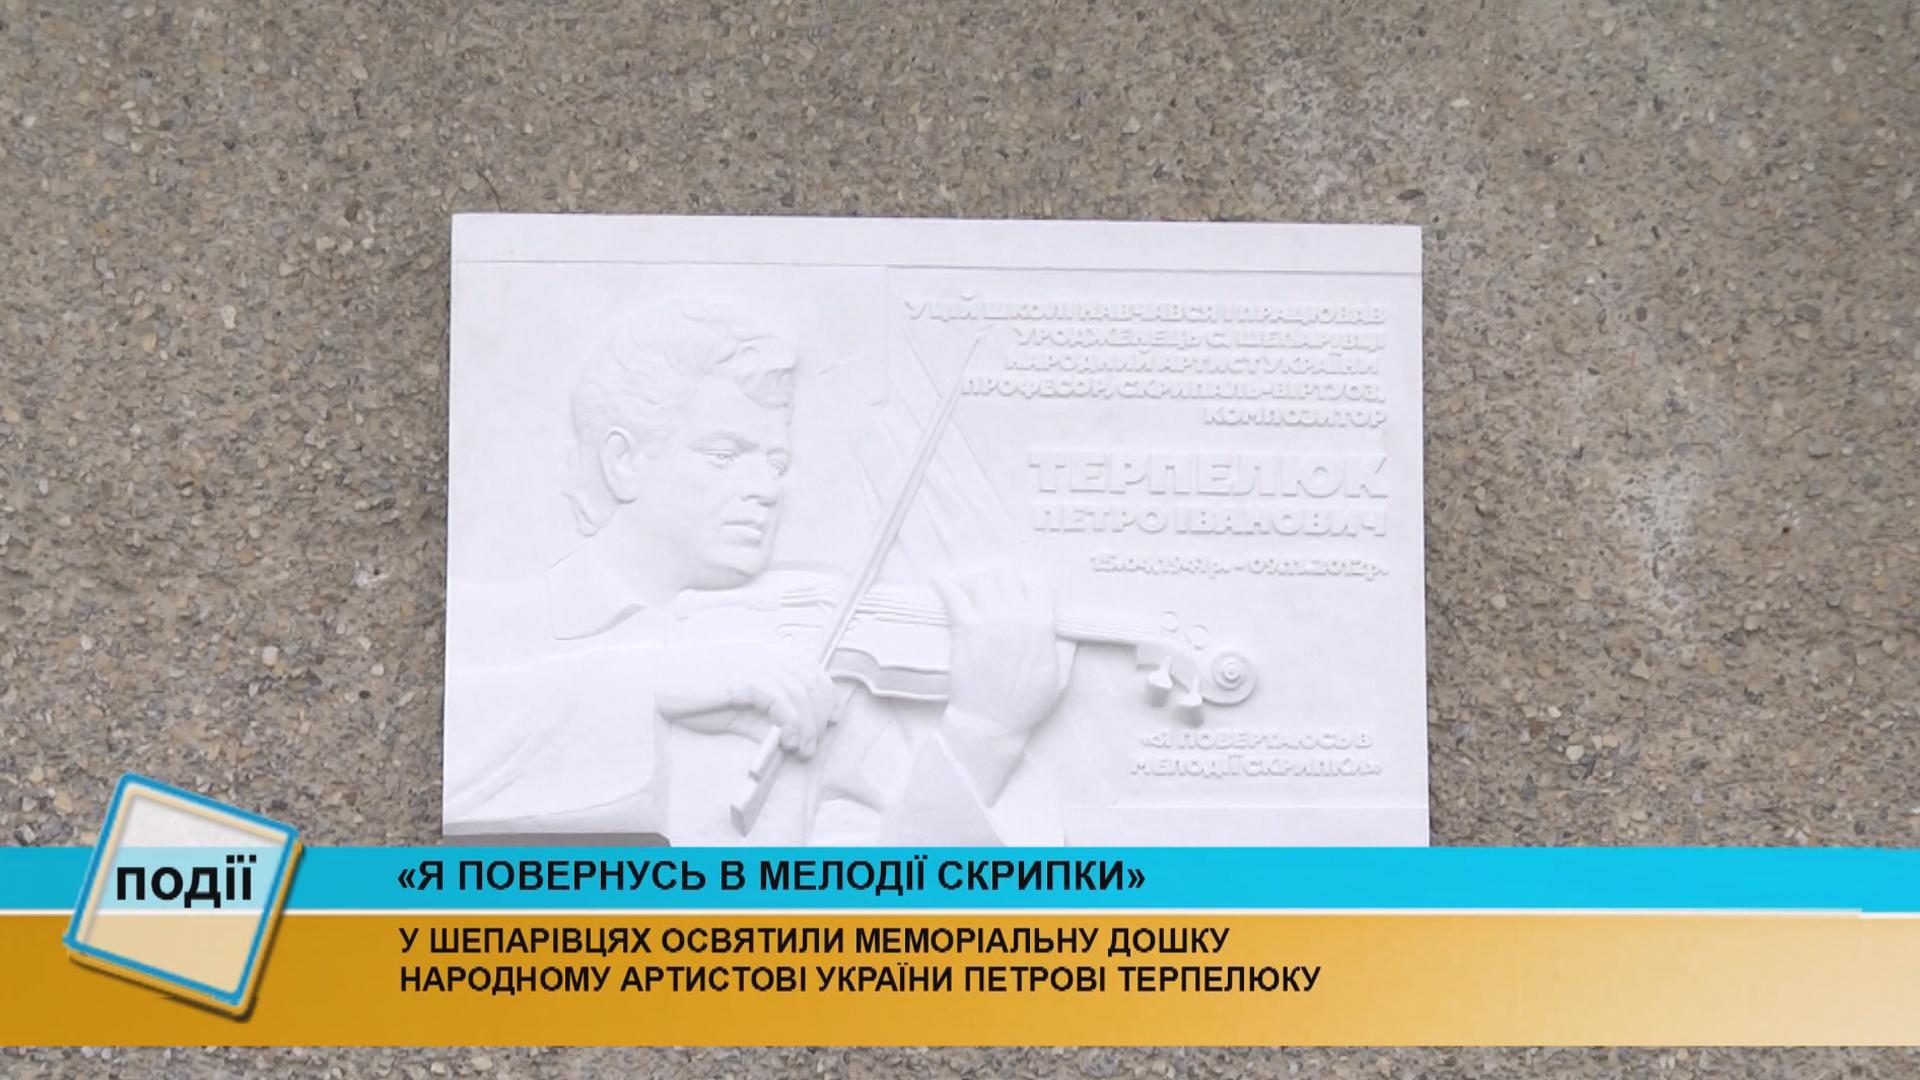 На Коломийщині відкрили меморіальну дошку видатному скрипалеві-віртуозу (відеосюжет)